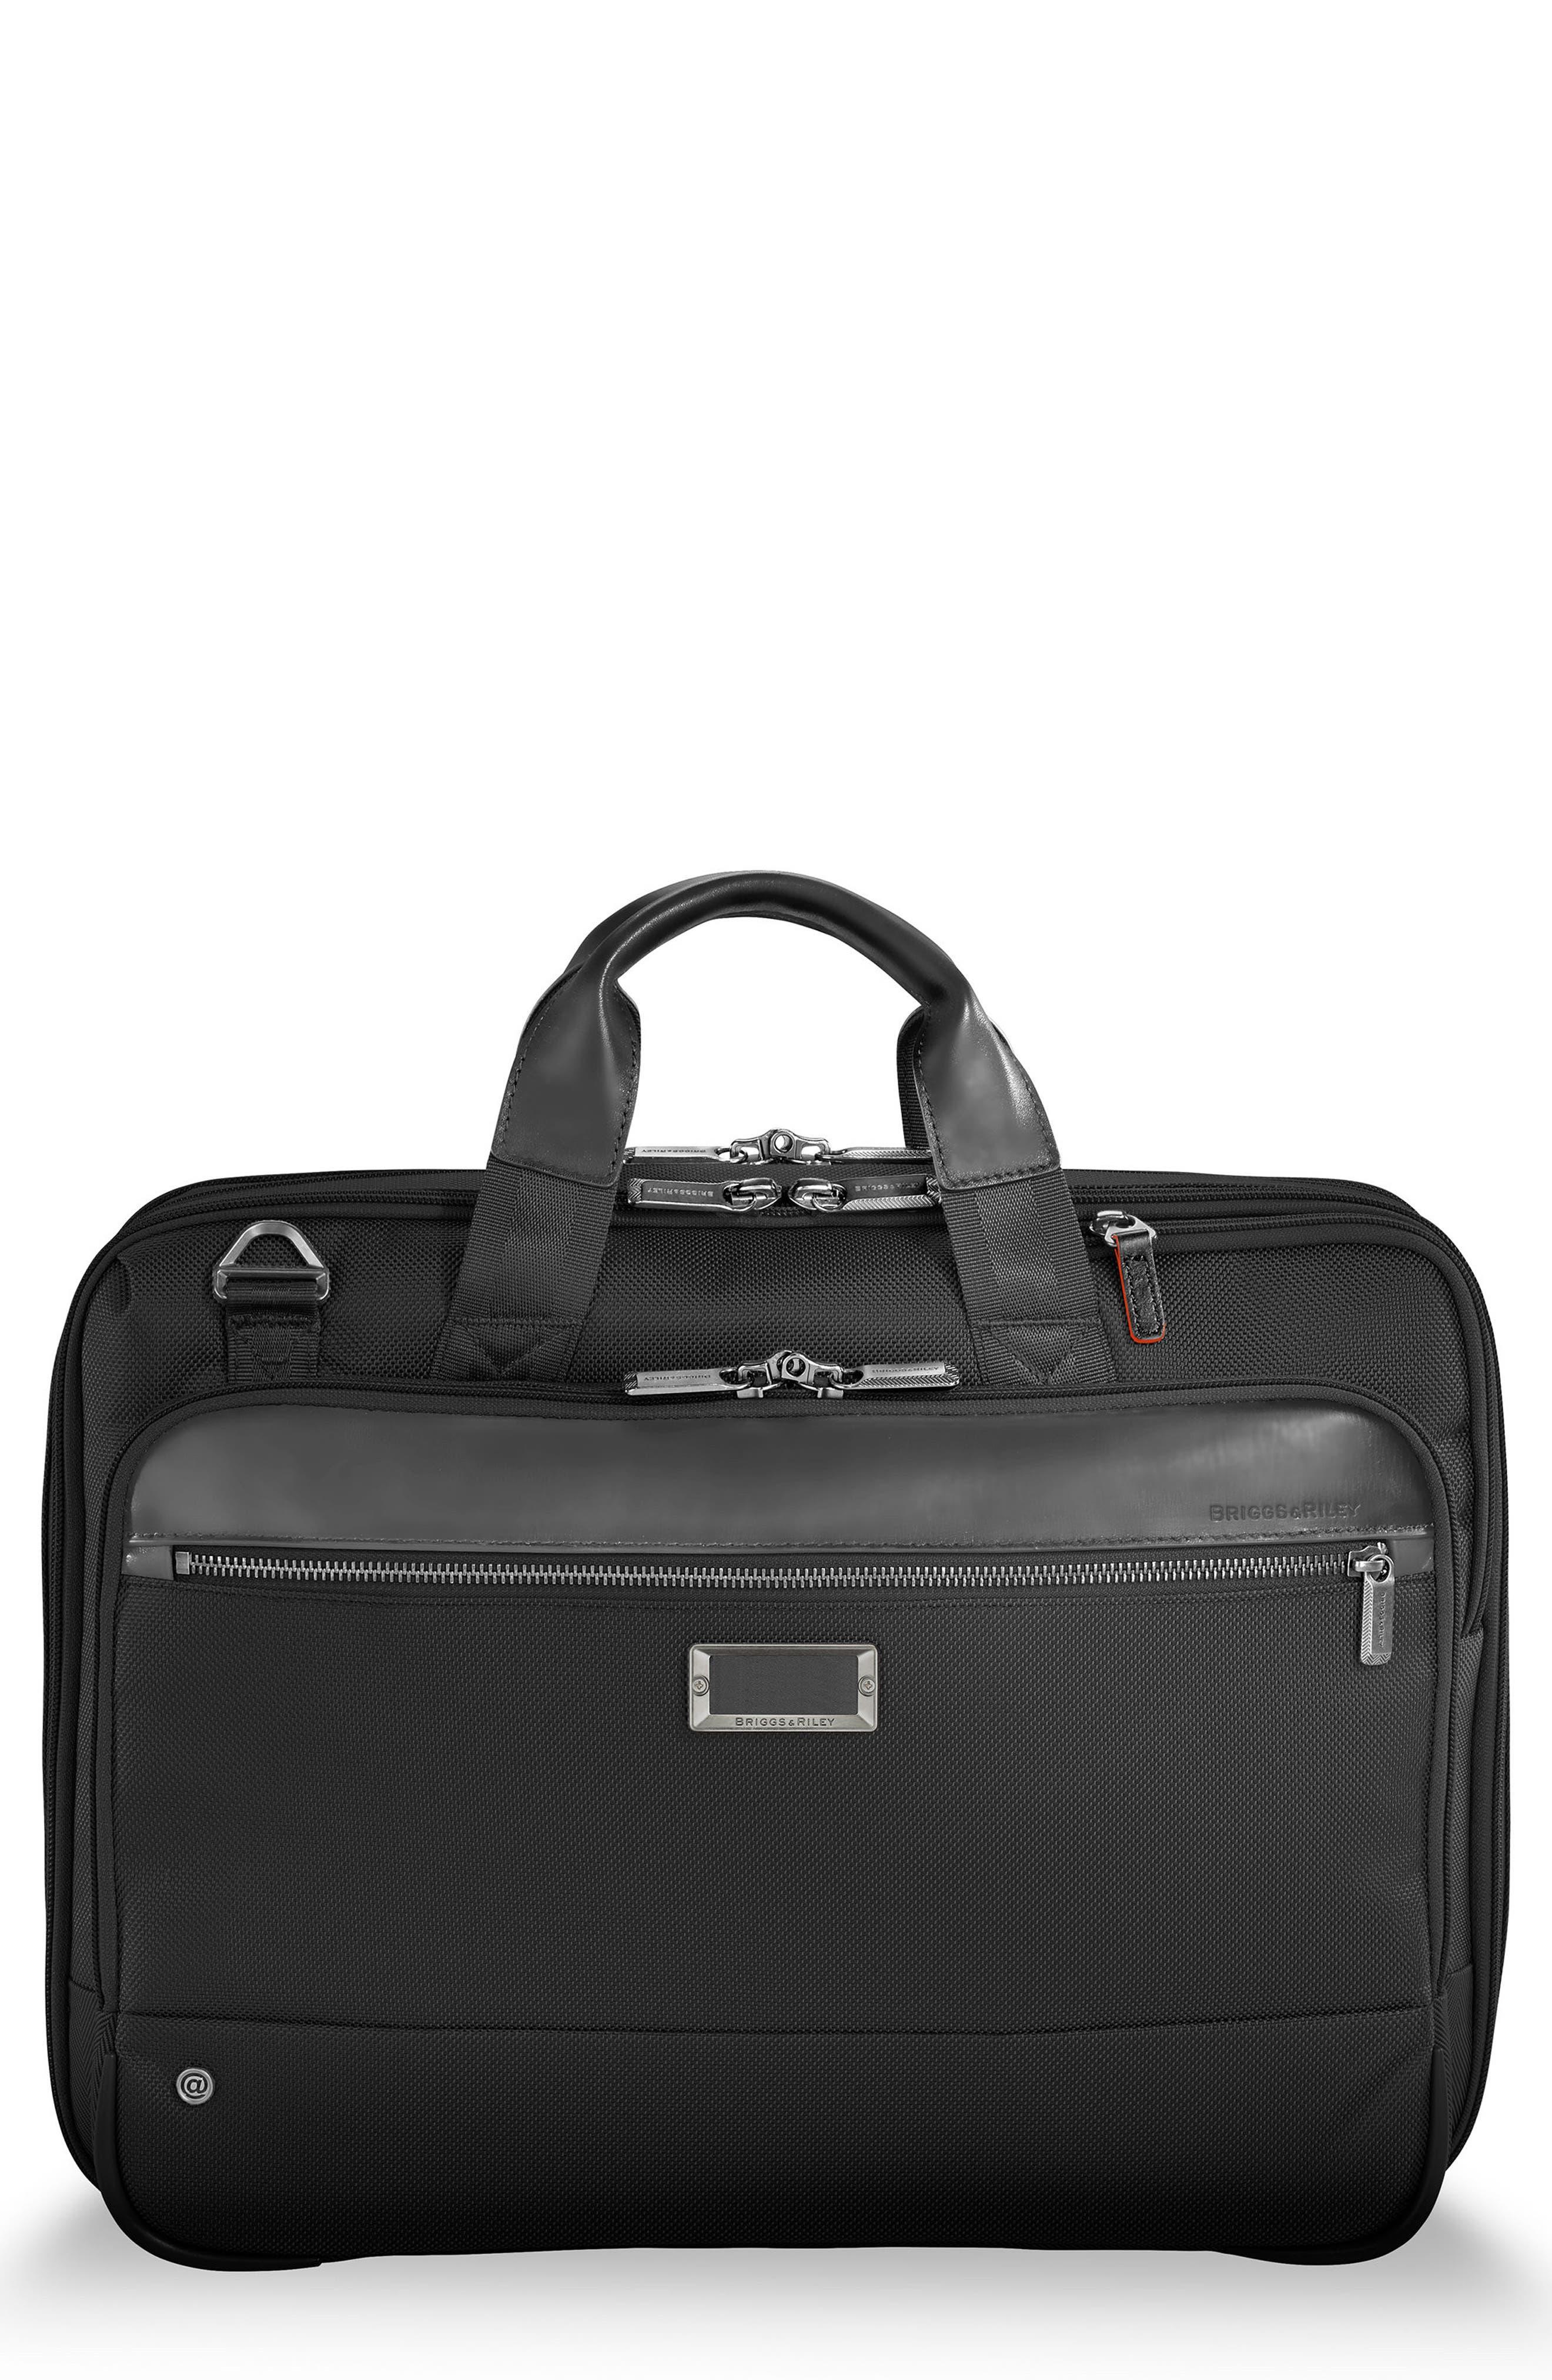 @work Expandable Briefcase,                             Main thumbnail 1, color,                             BLACK